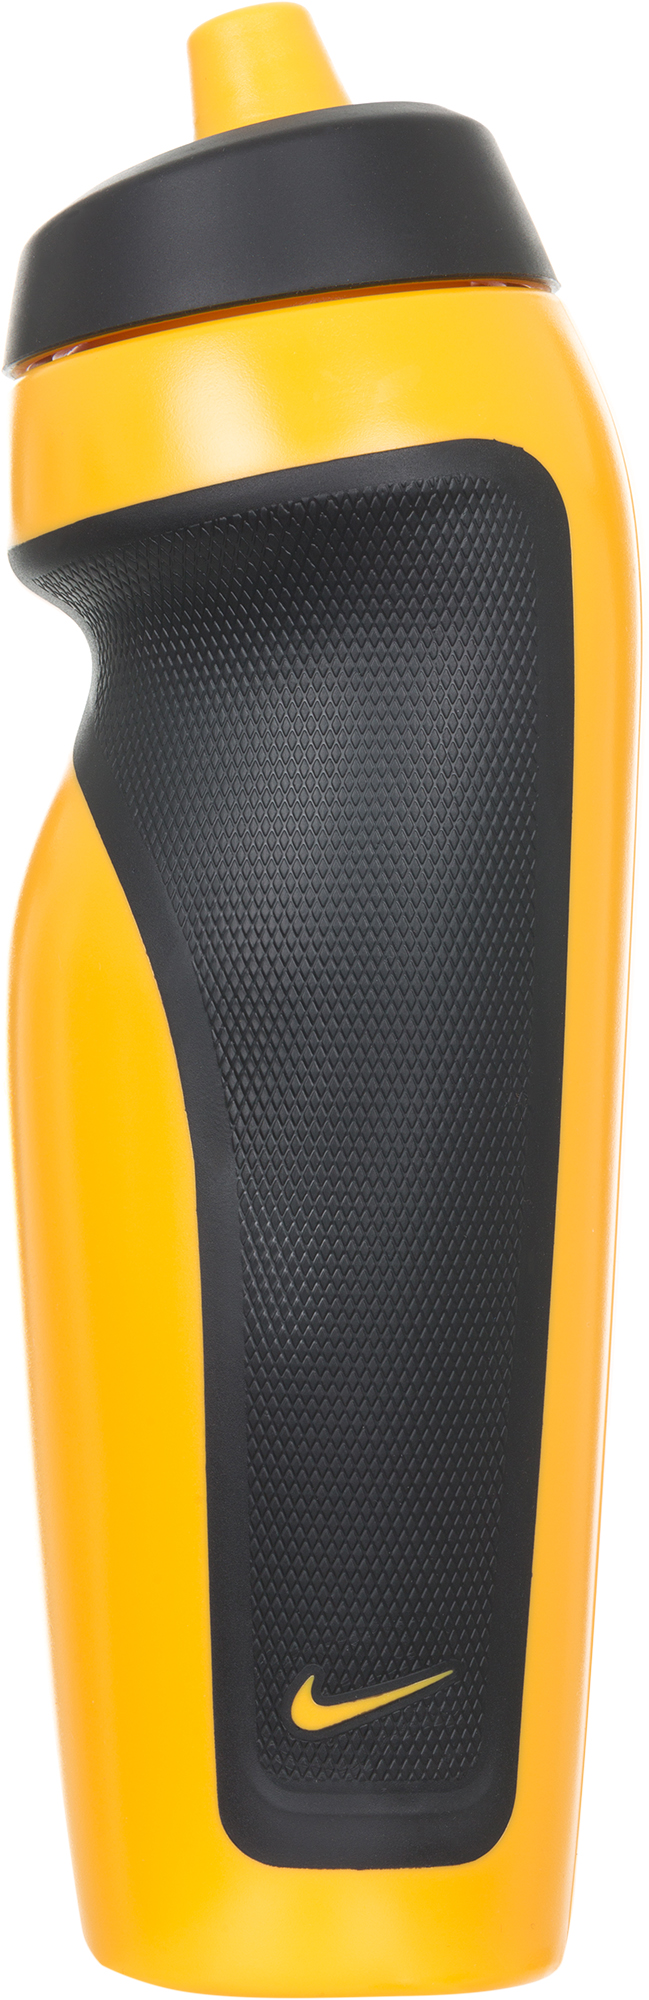 Nike Бутылка для воды Nike цена